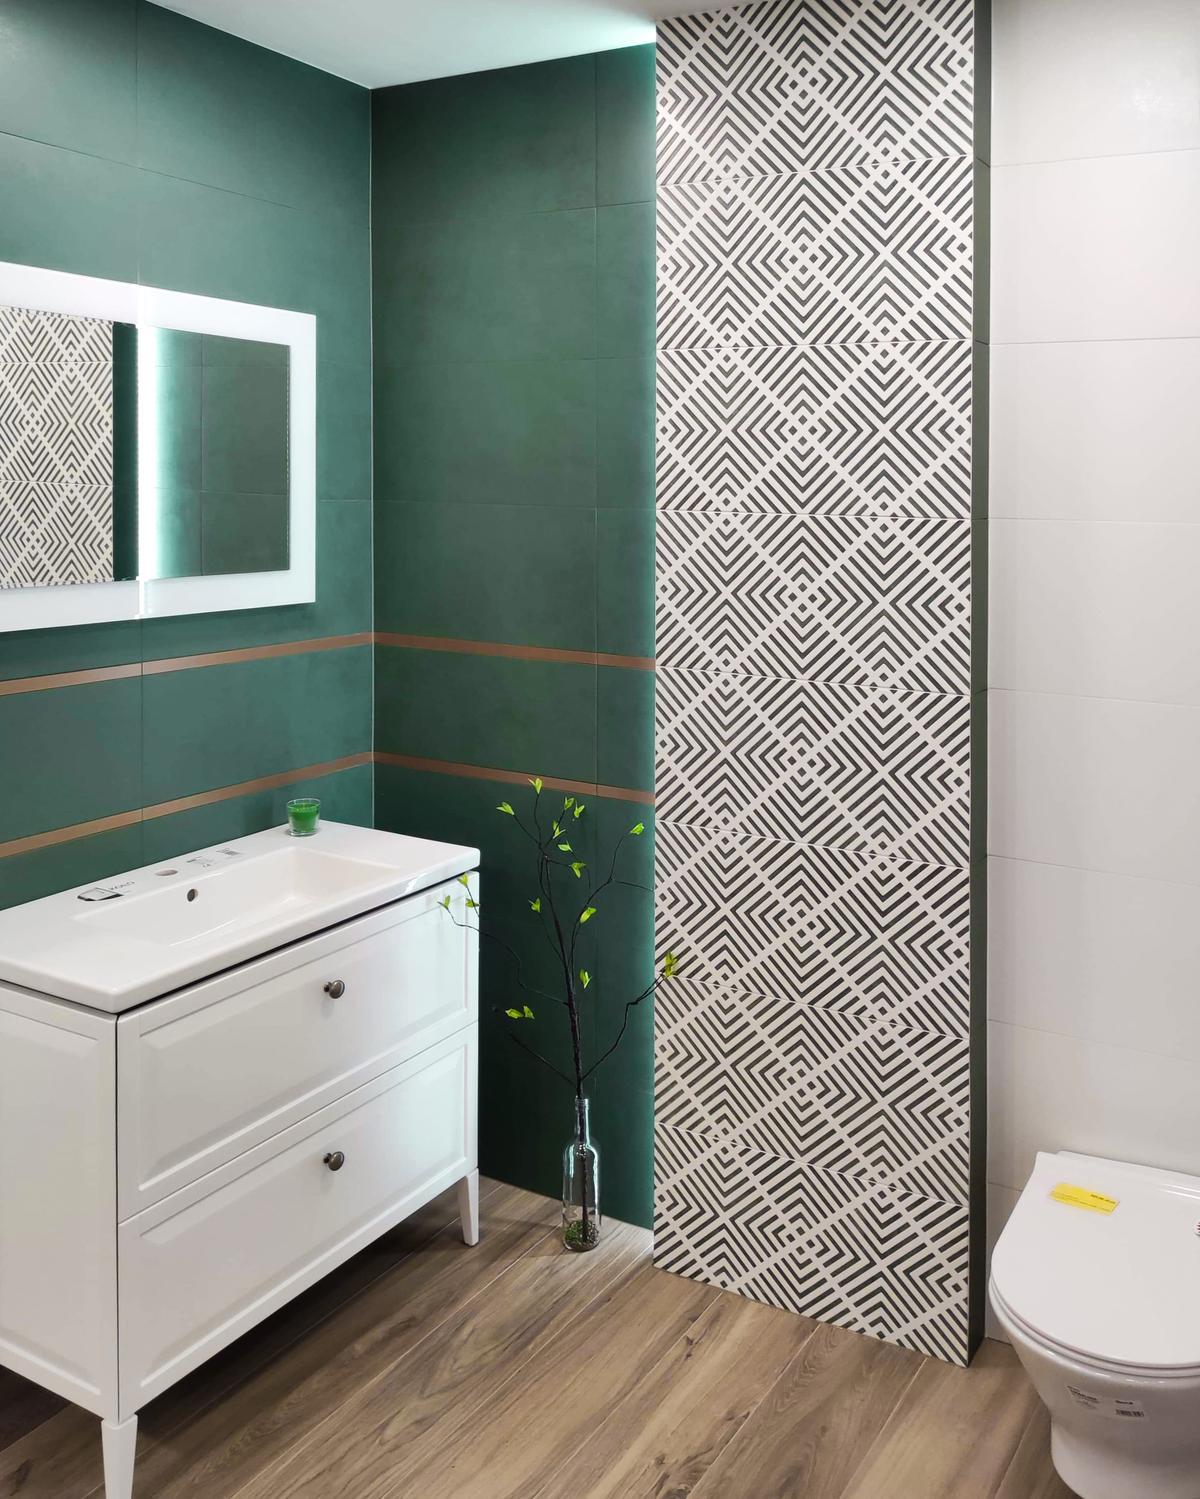 Połączenie zieleni i drewna w łazience BLU Września - zdjęcie od BLU salon łazienek Września